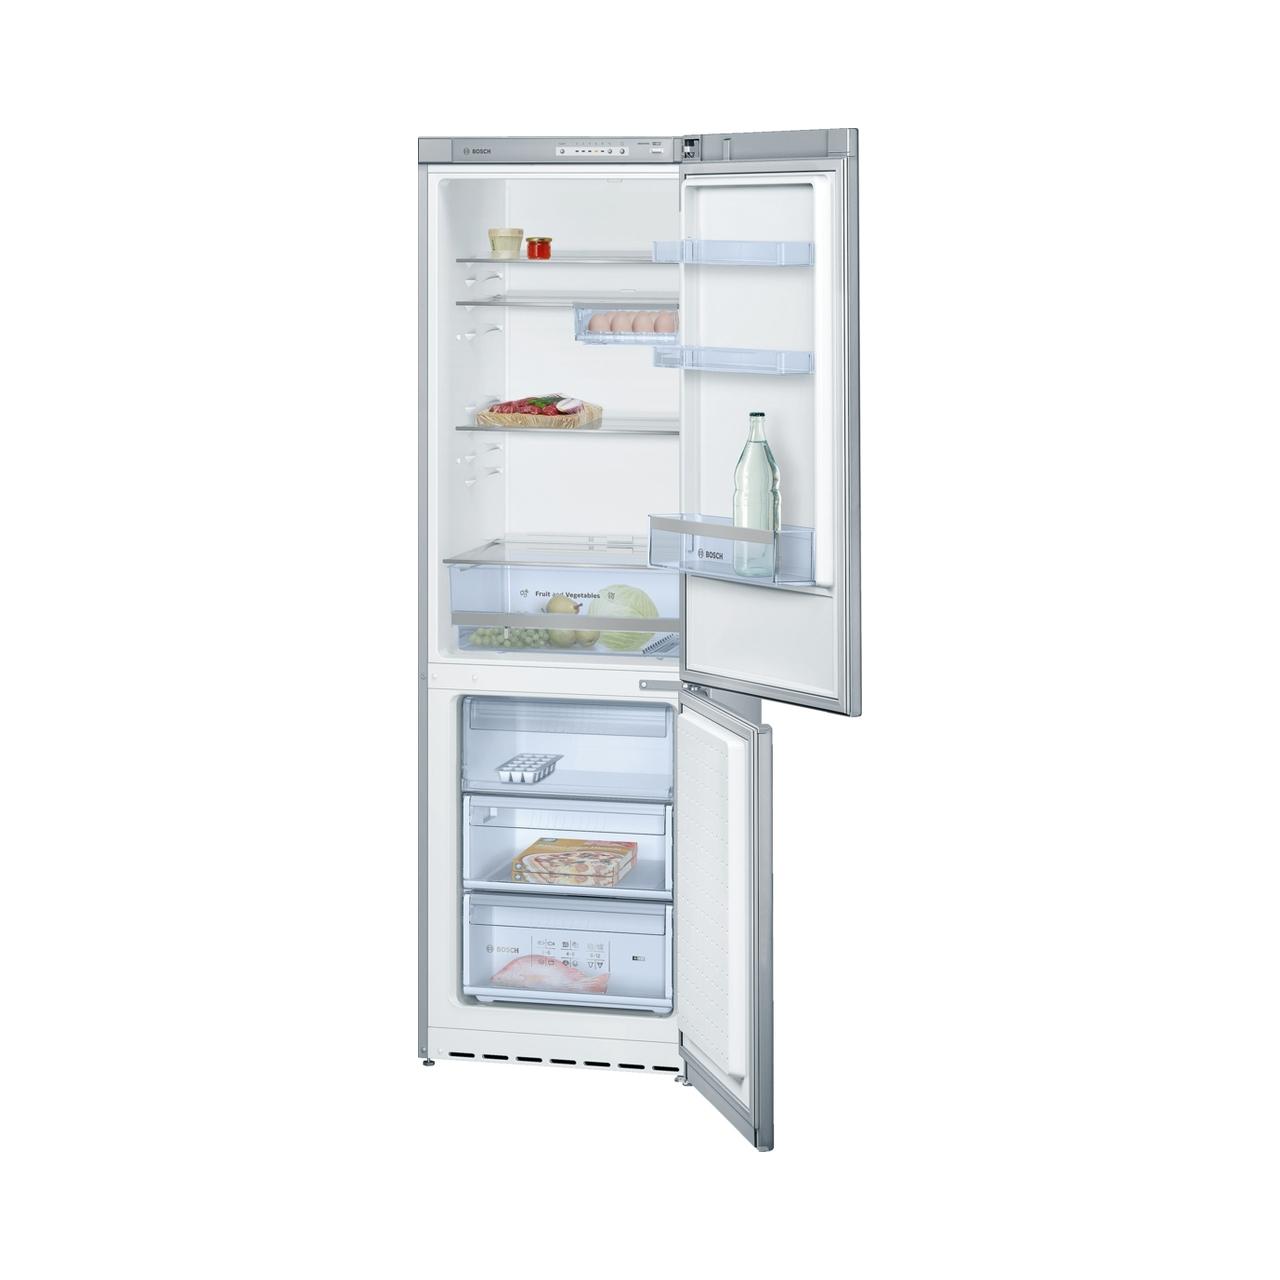 Tủ lạnh đơn BOSCH KGV36VL23E Serie 4